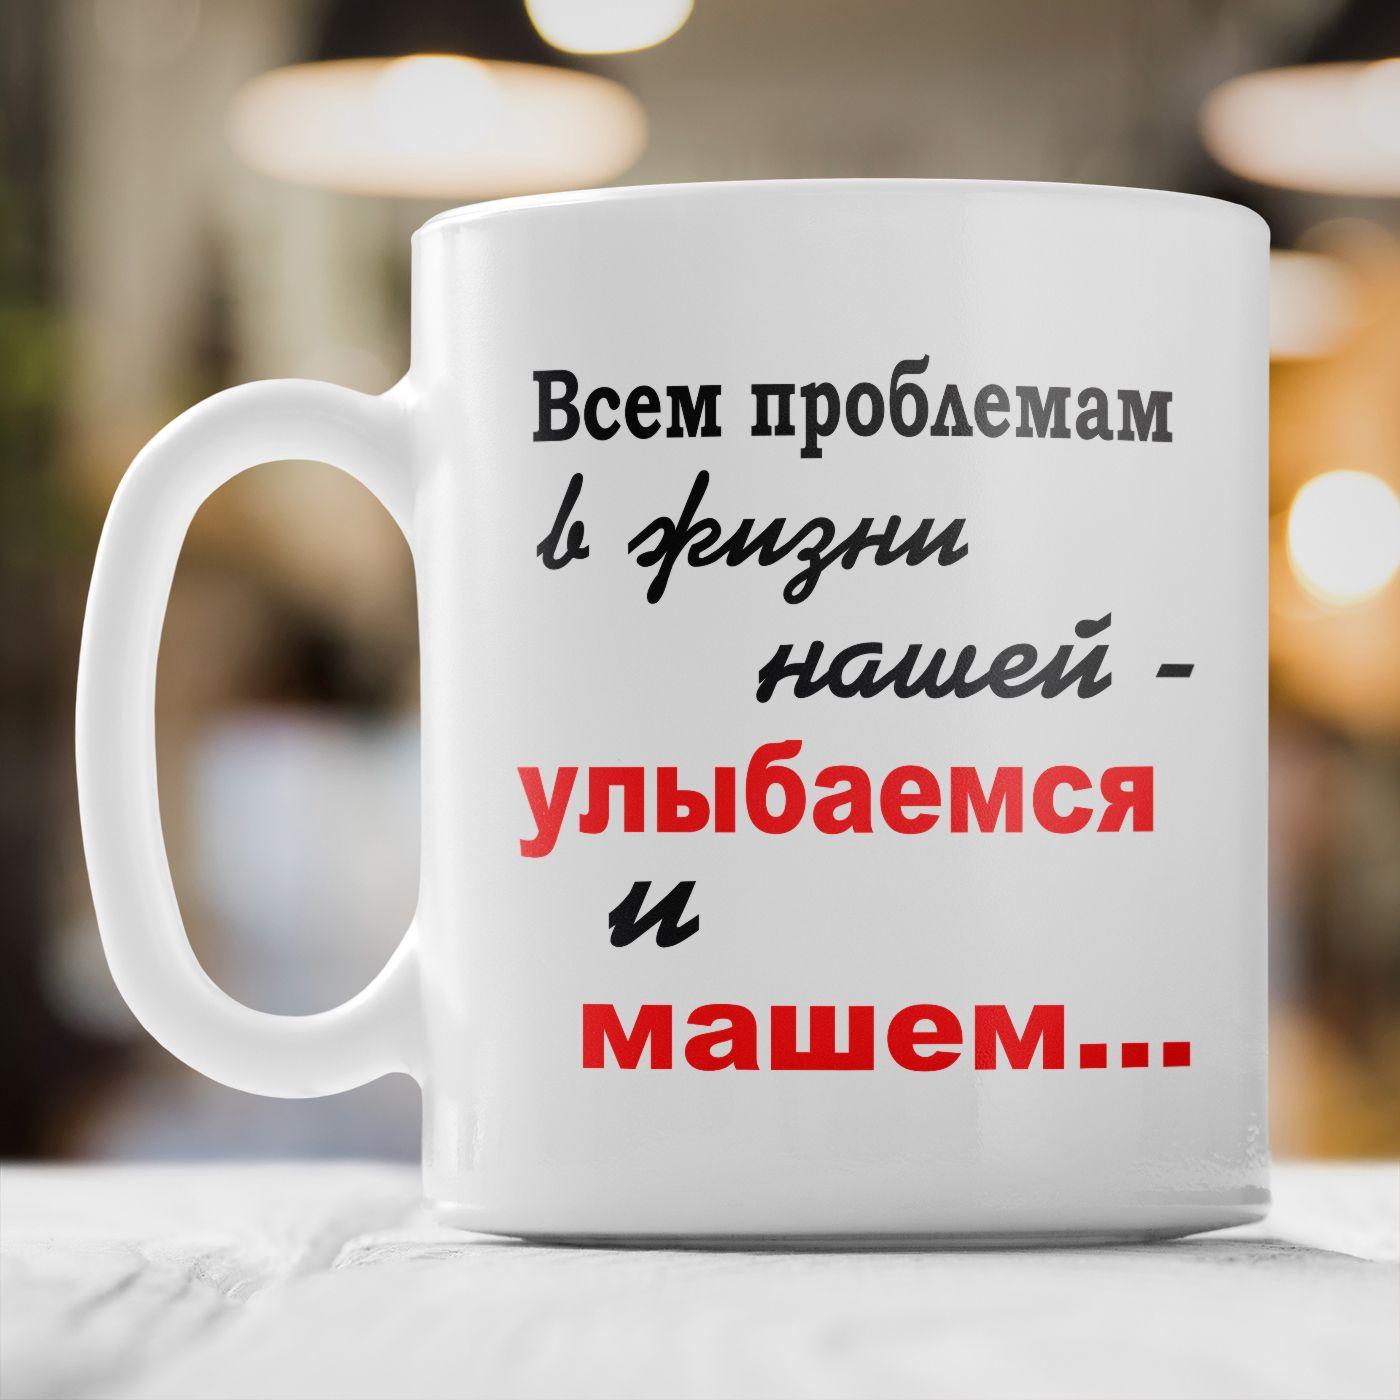 Кружка * Всем проблемам в жизни нашей - улыбаемся и машем...*